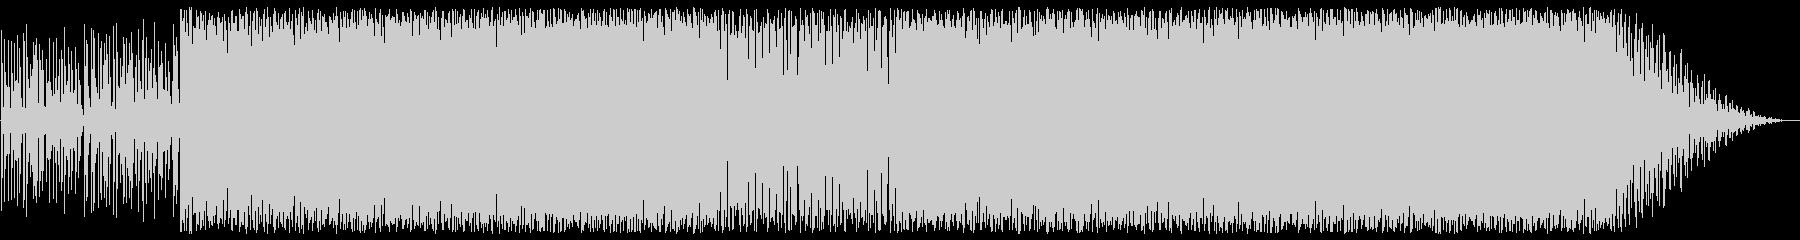 朝方に聞きたいゆっくりしたボサノバジャズの未再生の波形